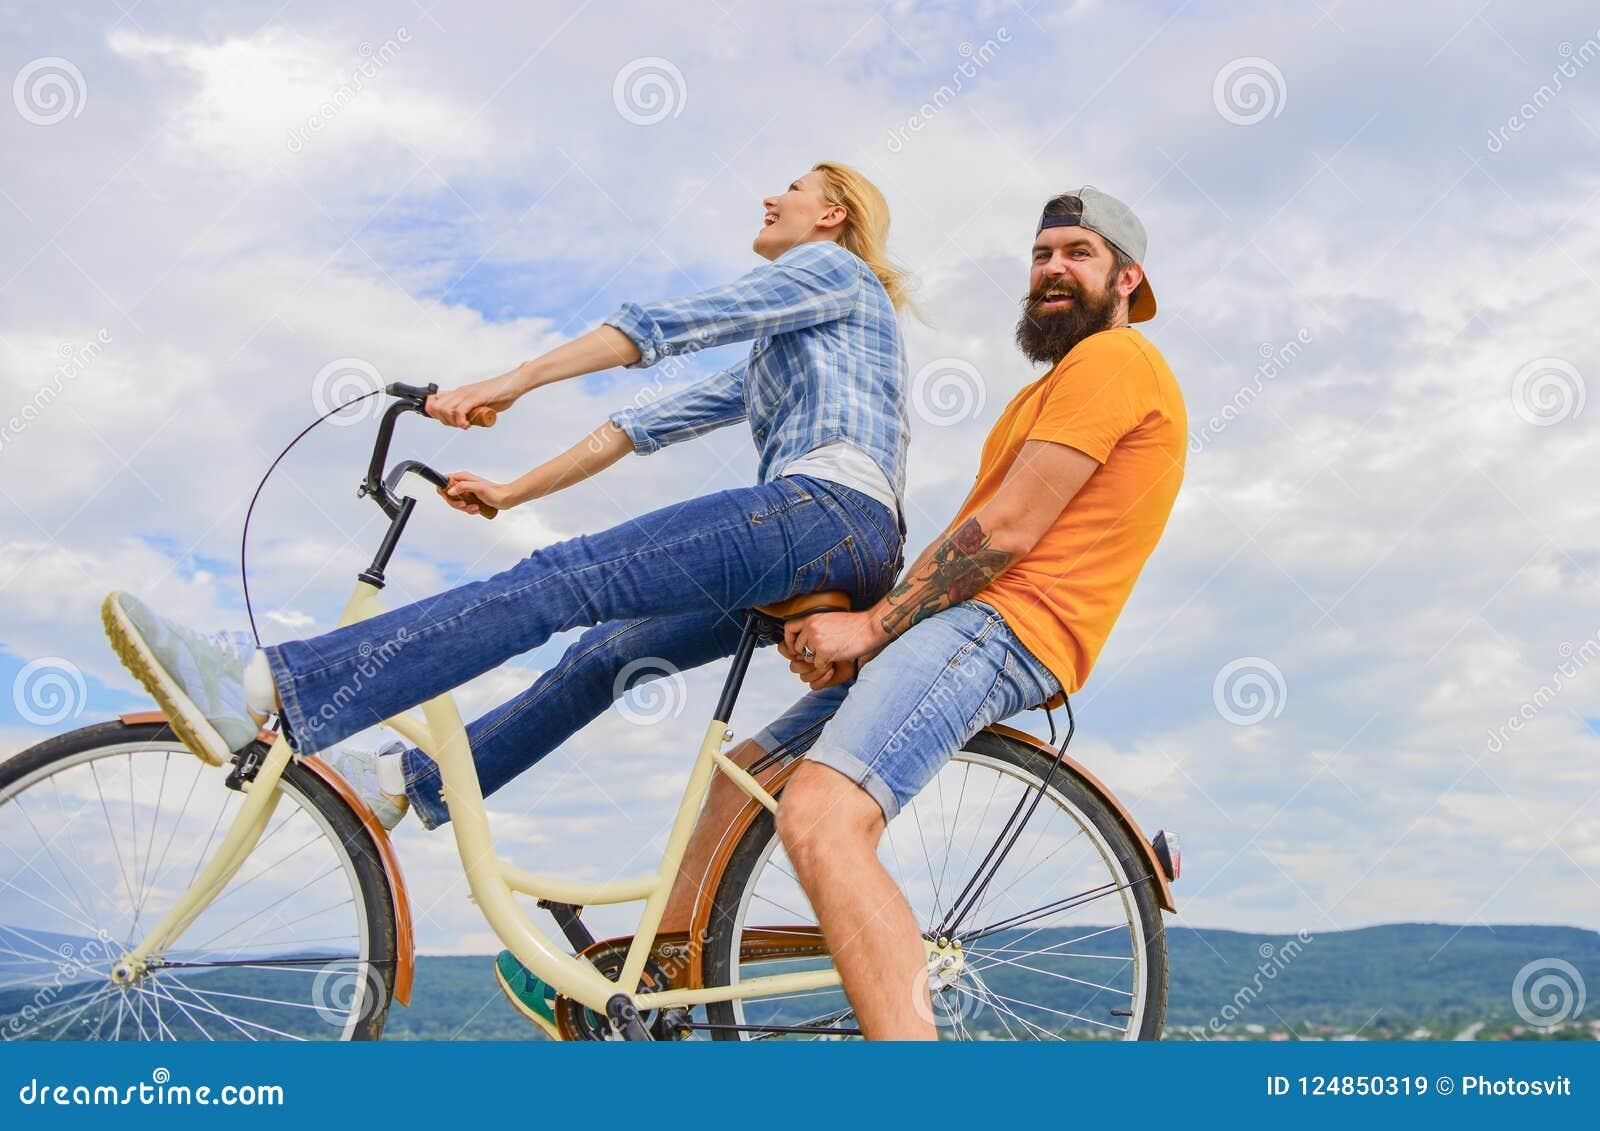 Mężczyzna i kobiety czynszu rower odkrywać miasto jako turystyczny roweru wynajem lub jechać na rowerze dzierżawienie dla krótkic